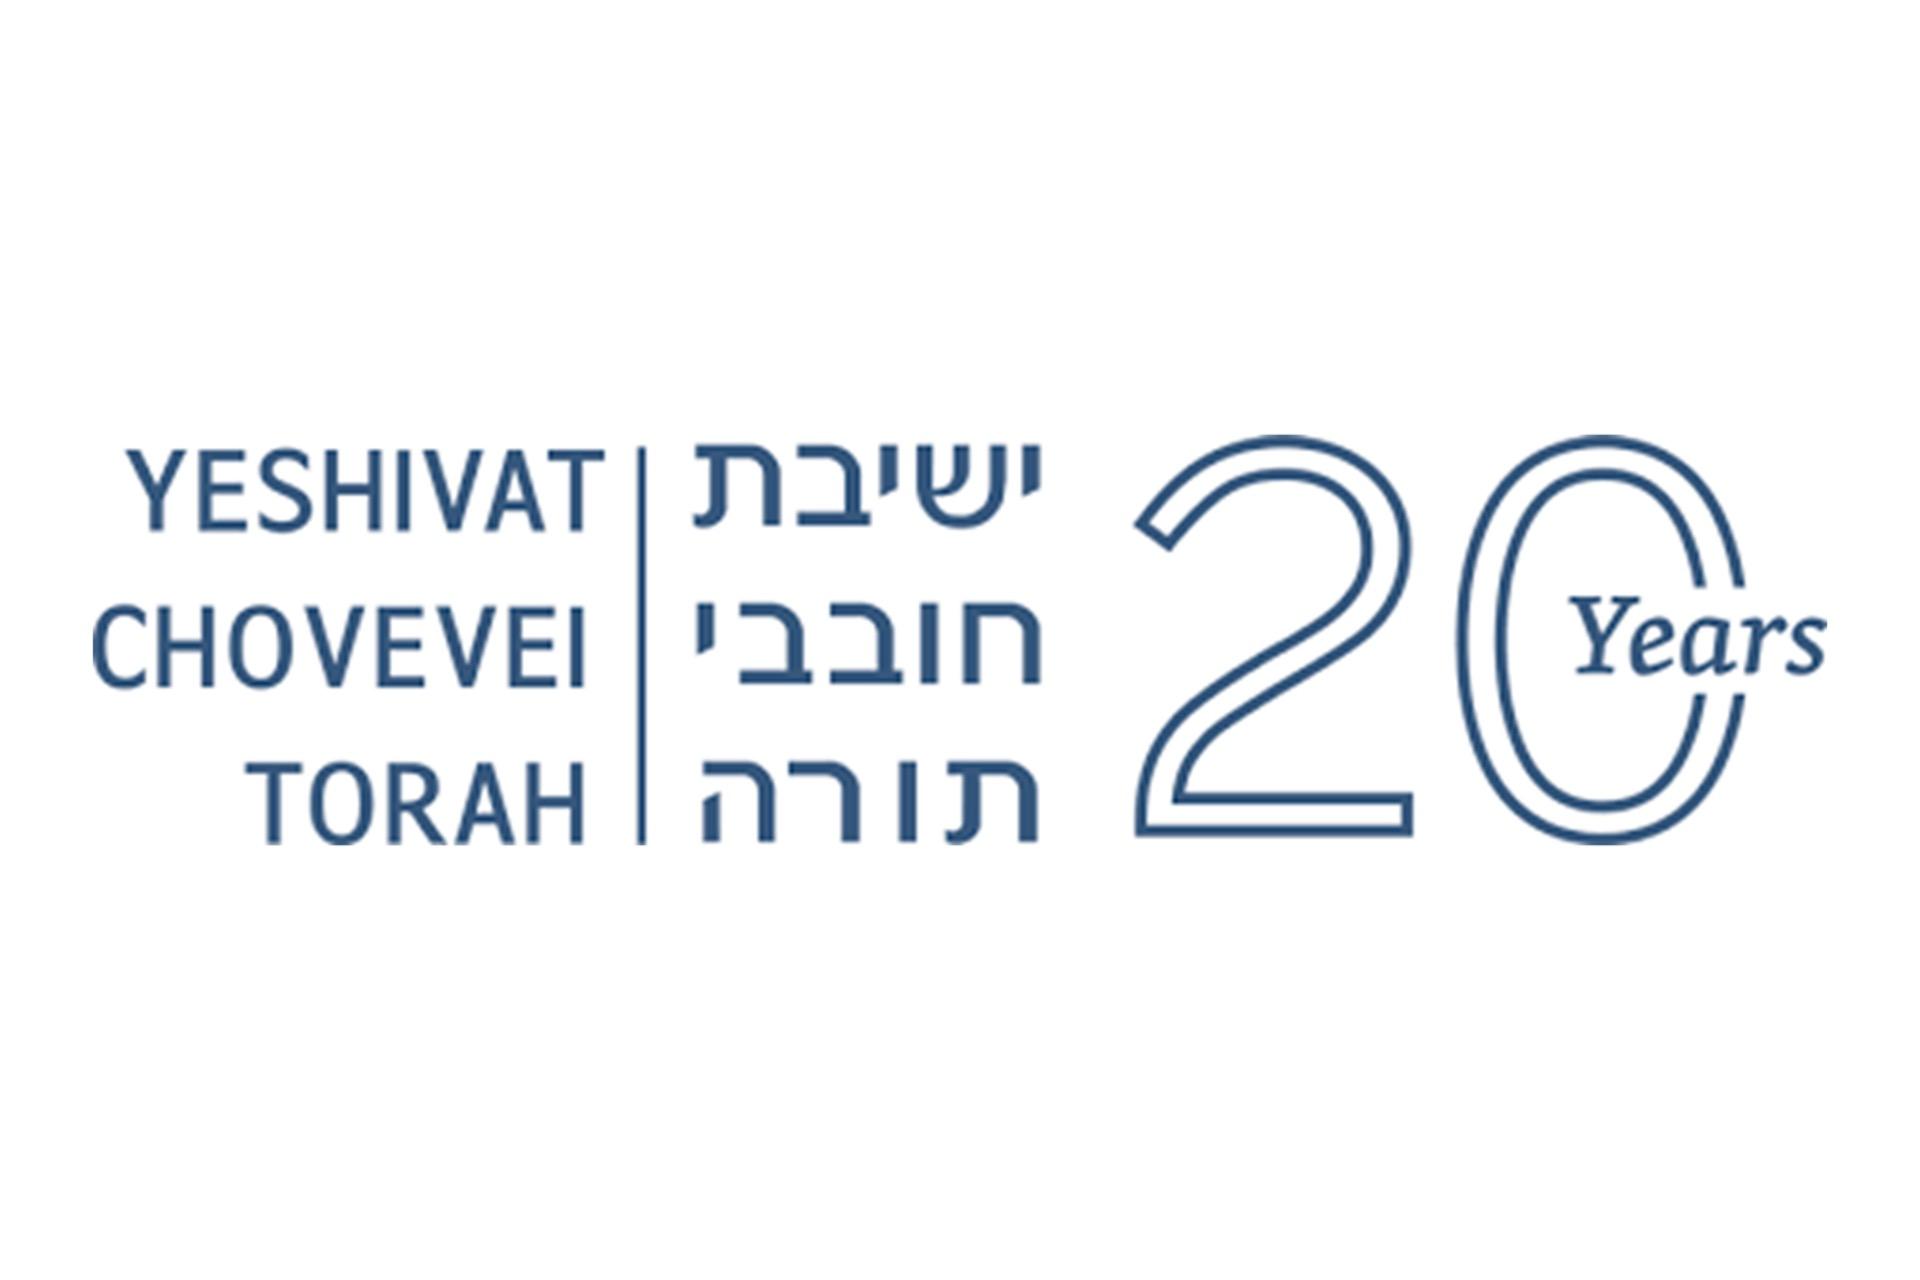 Yeshivat Chovevei Torah